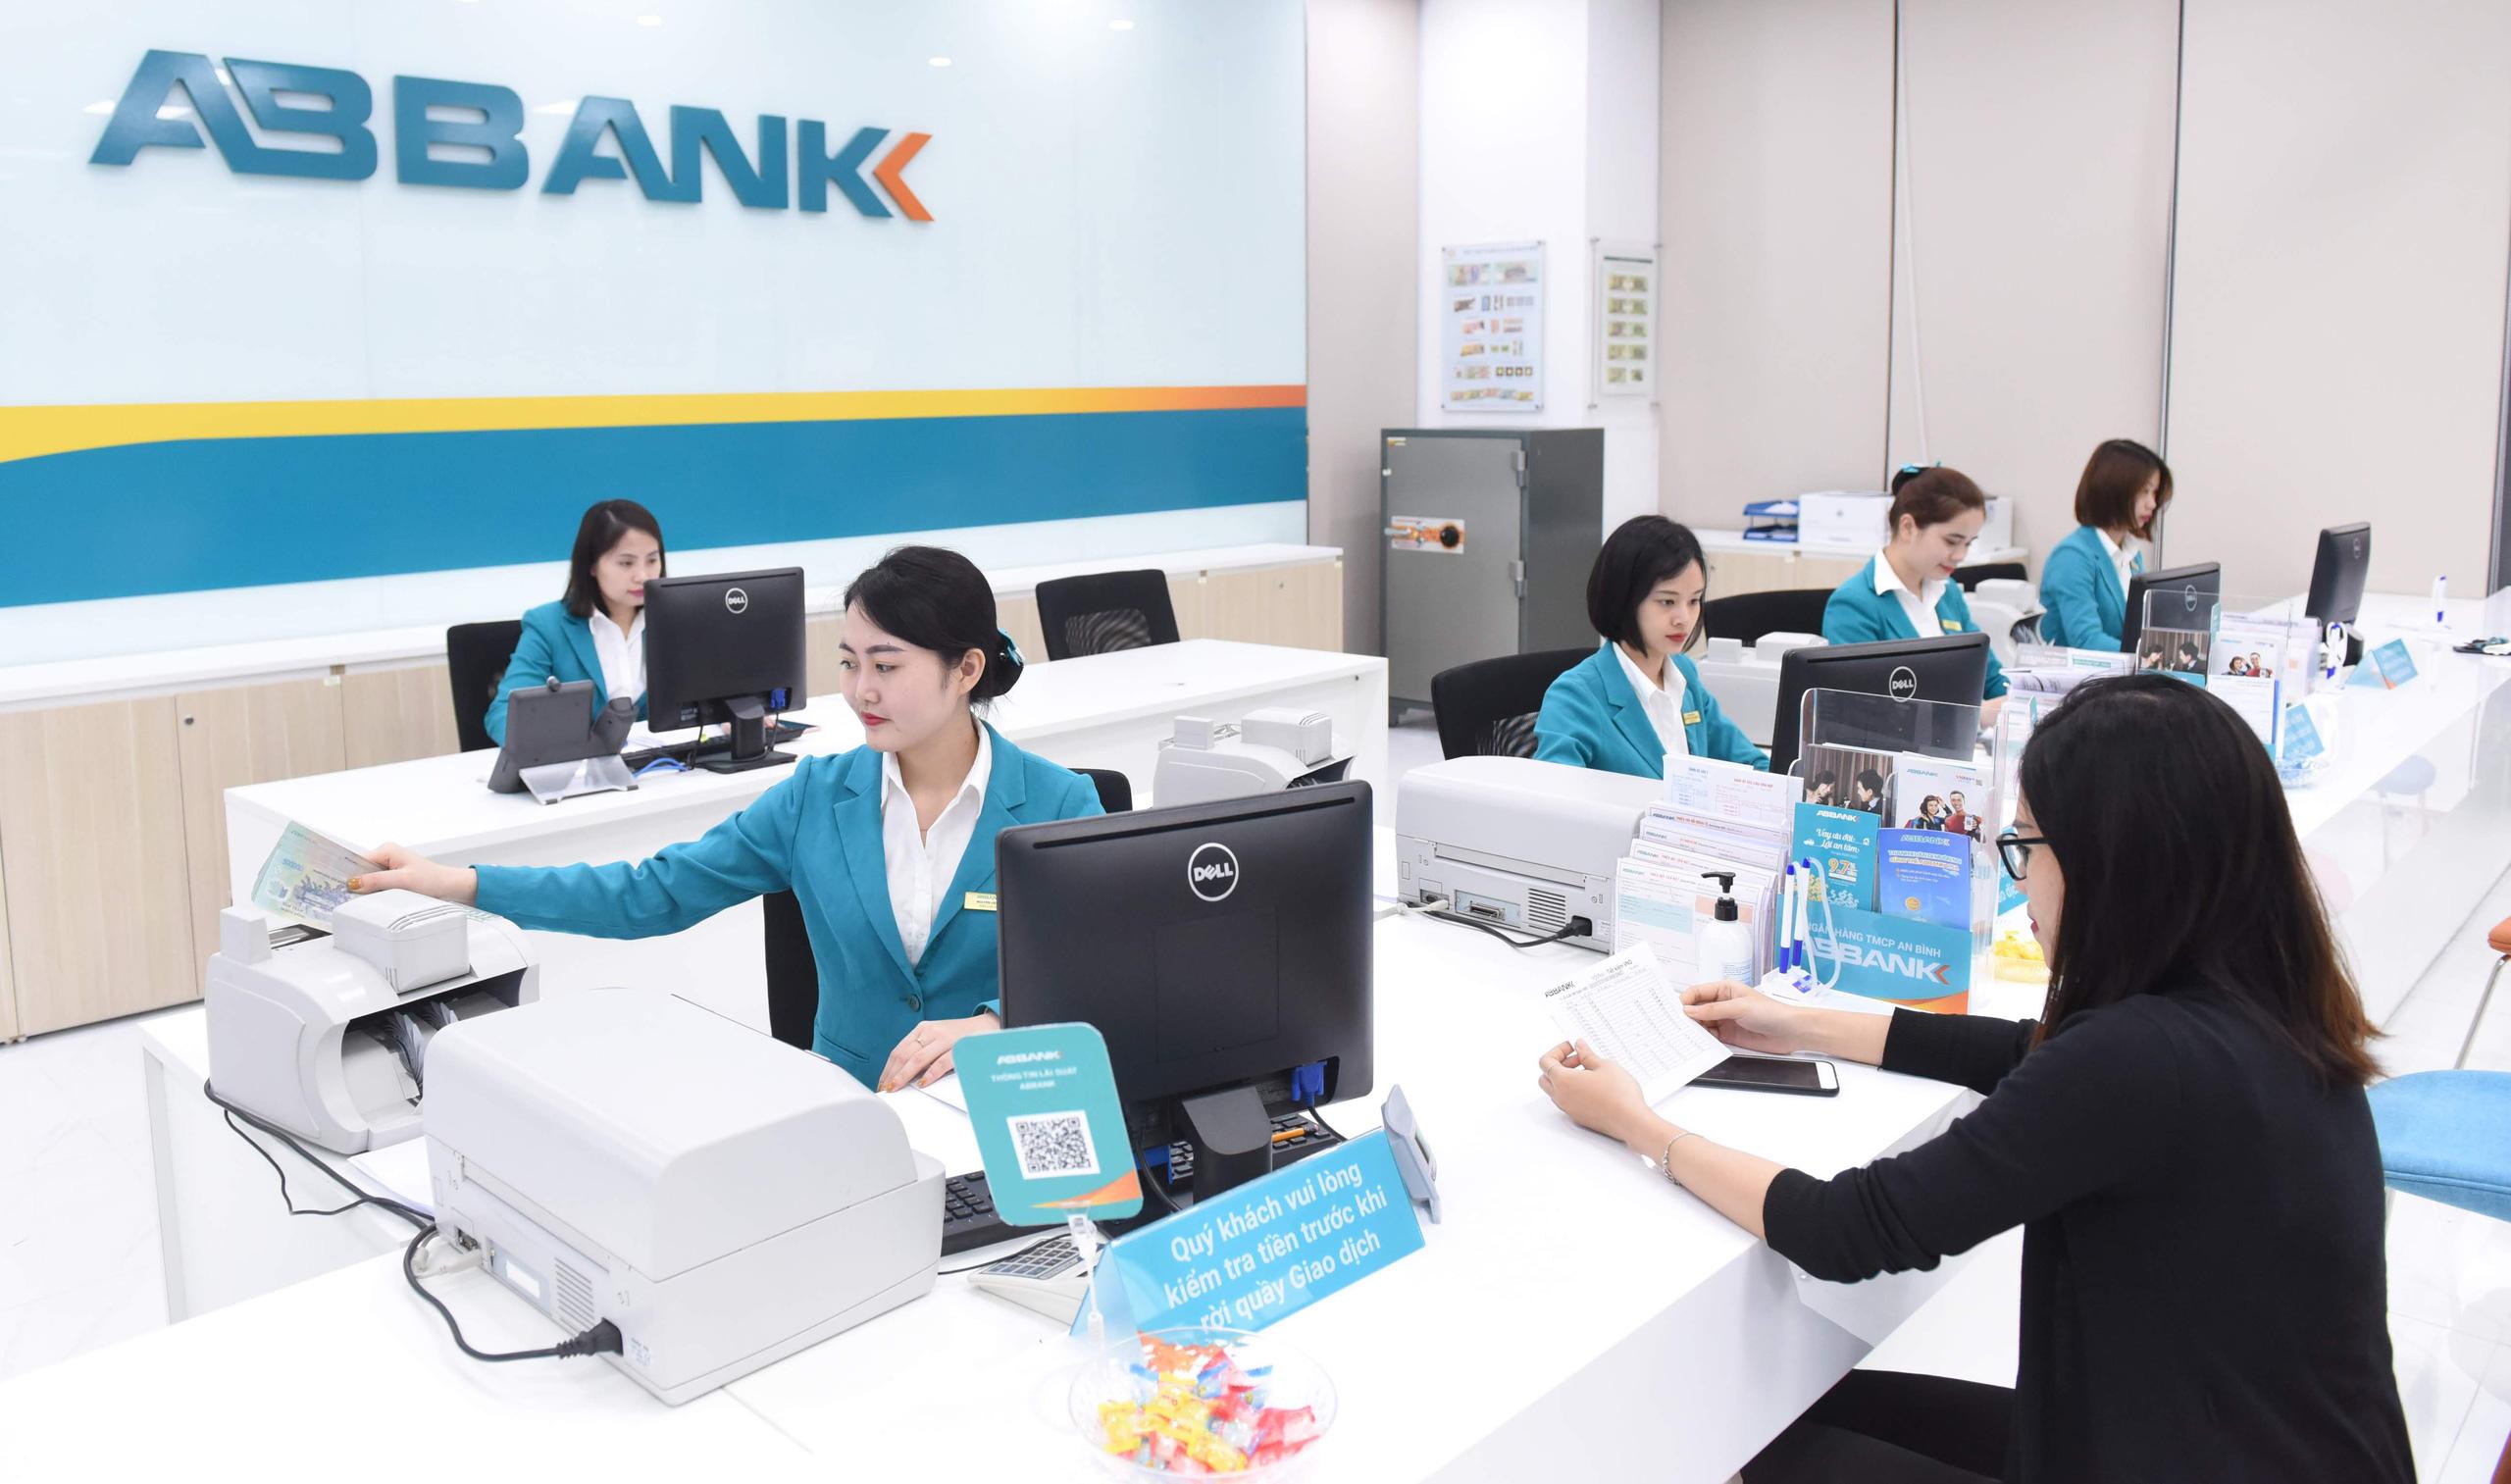 ABBank lãi 1.378 tỷ đồng trước thuế 11 tháng đầu năm - Ảnh 1.